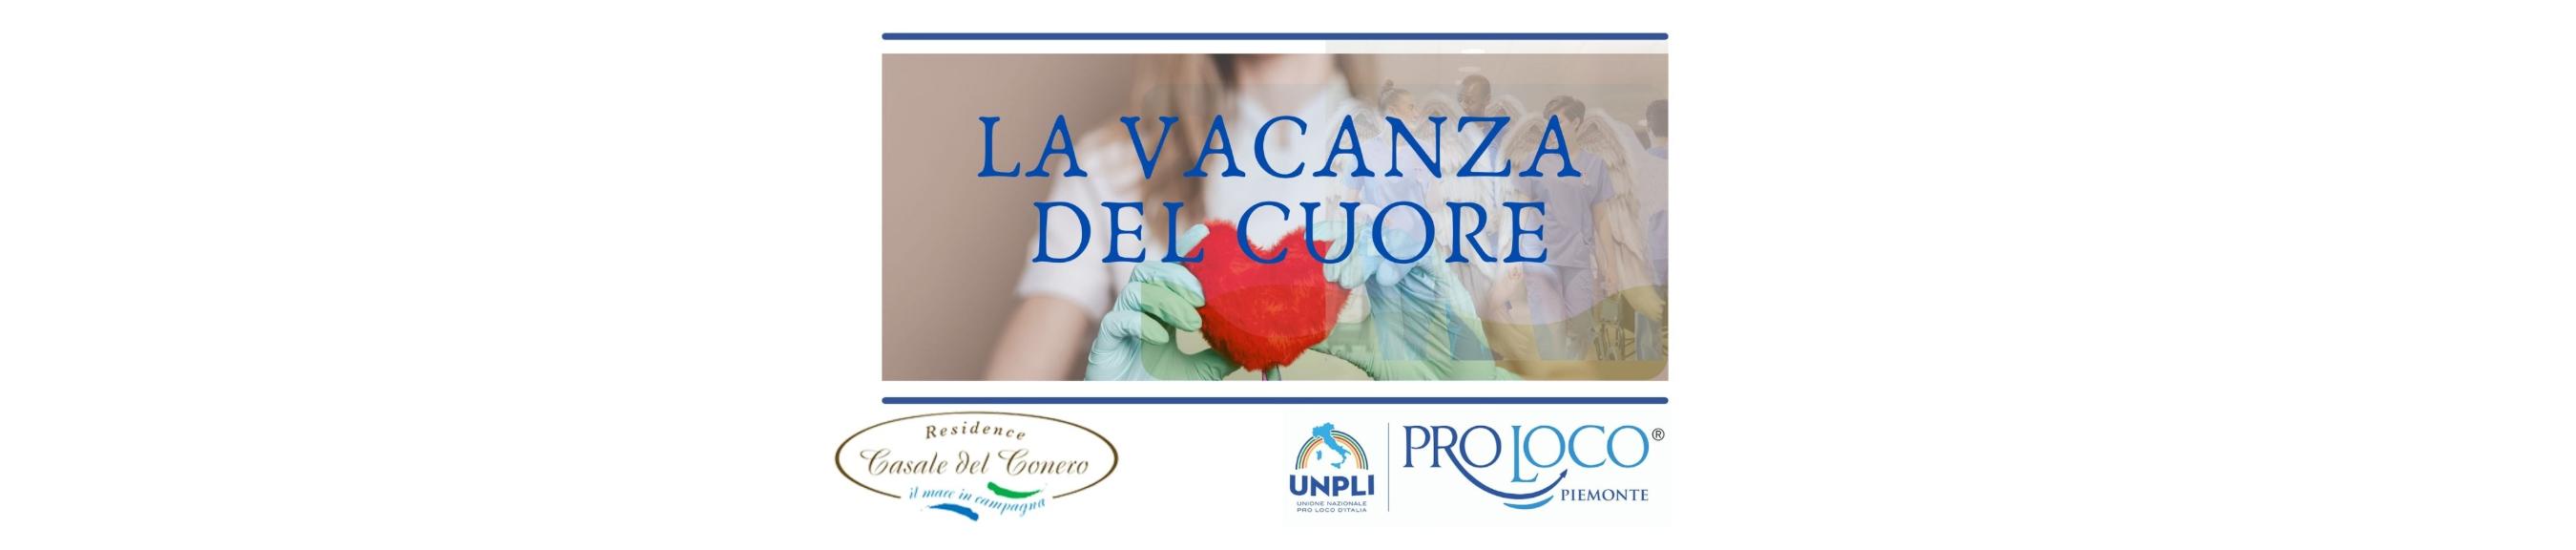 La Vacanza del Cuore. Plauso dalle autorità marchigiane all'iniziativa che ha coinvolto l'UNPLI Piemonte ed Emilia Romagna.